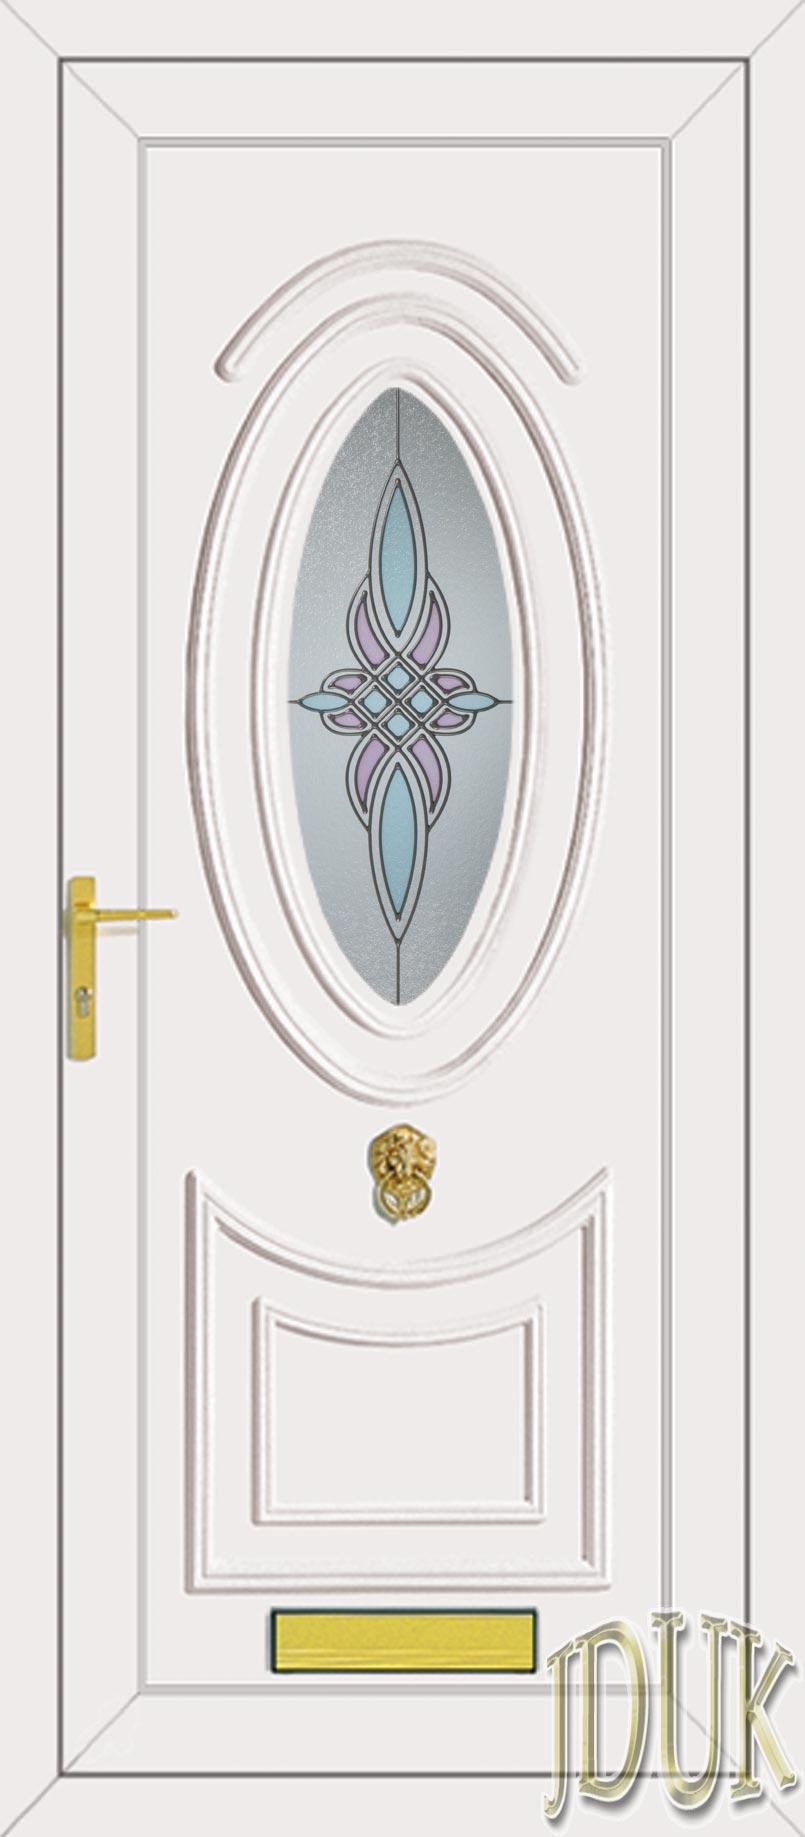 Jefferson One Cambridge UPVC Front Door 805 x 1837 · 94 kB · jpeg